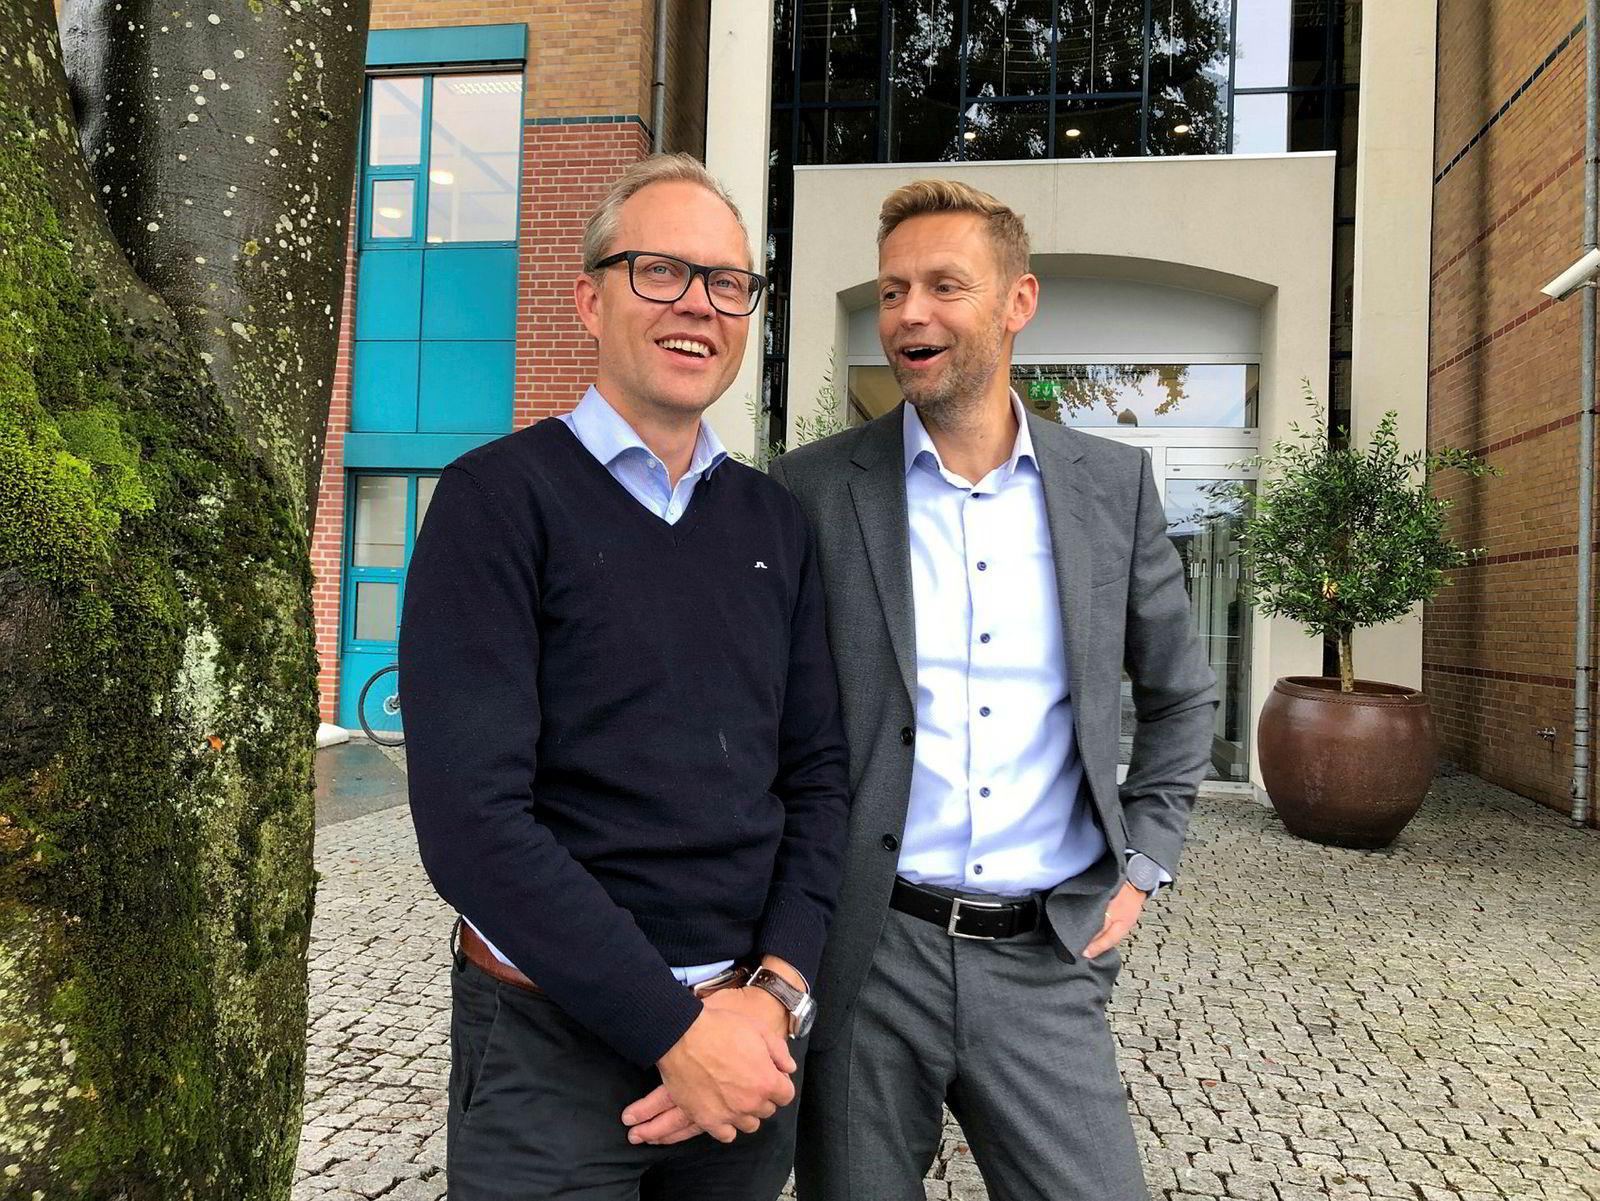 Sjeføkonom Kyrre Knudsen (til venstre) i SR-Bank ser lyst på utsiktene i oljeland der han står sammen med finansdirektør Inge Reinertsen i banken.